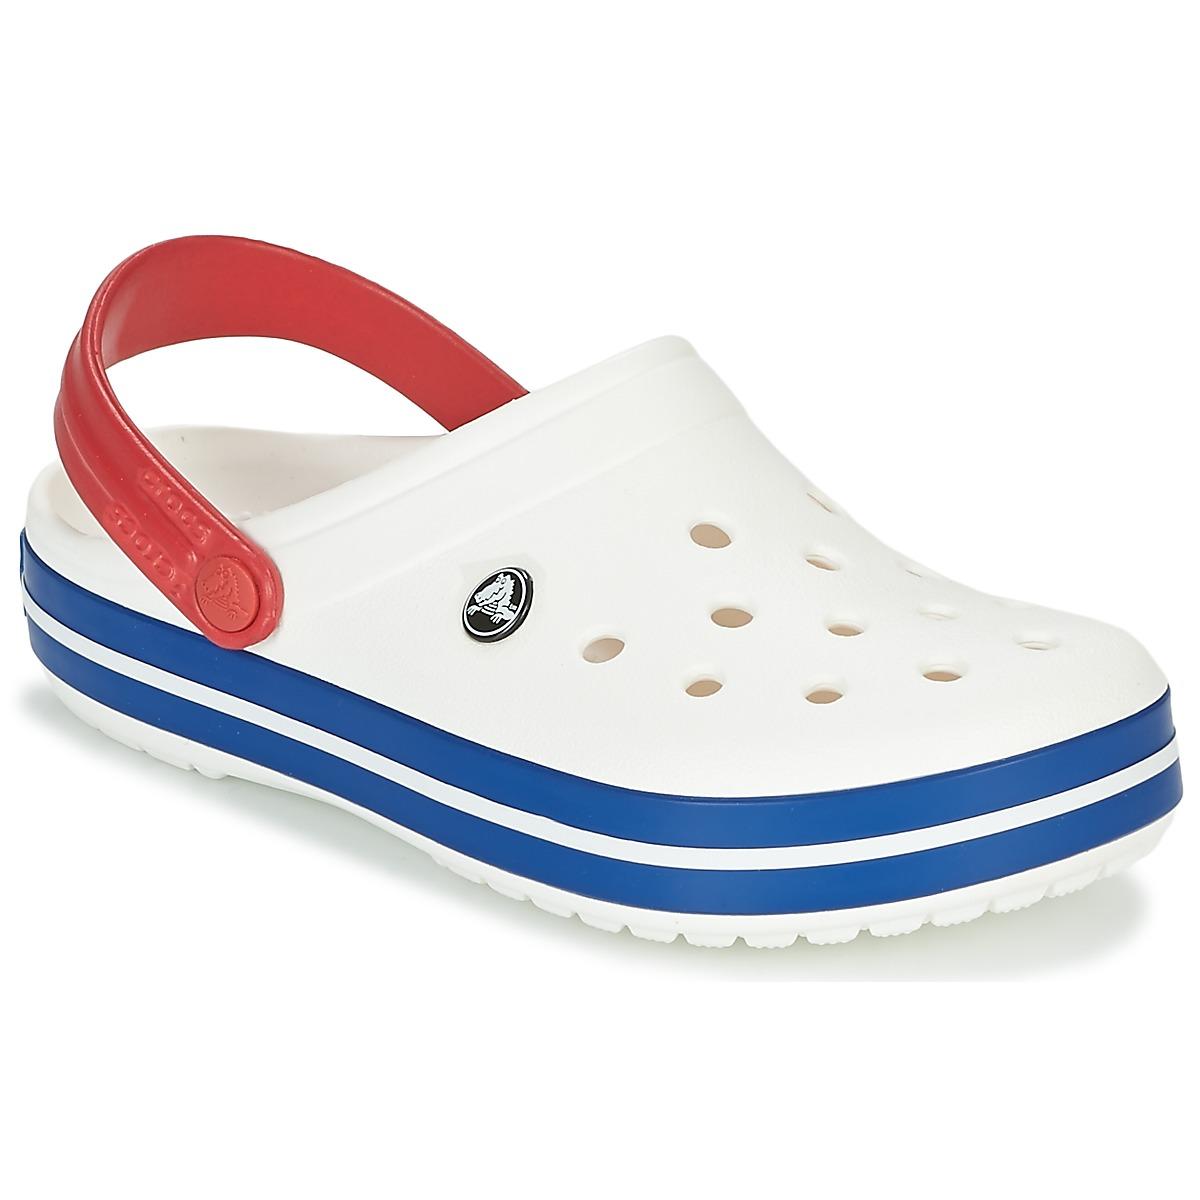 Crocs CROCBAND Weiss / Blau / Rot - Kostenloser Versand bei Spartoode ! - Schuhe Pantoletten / Clogs  27,00 €